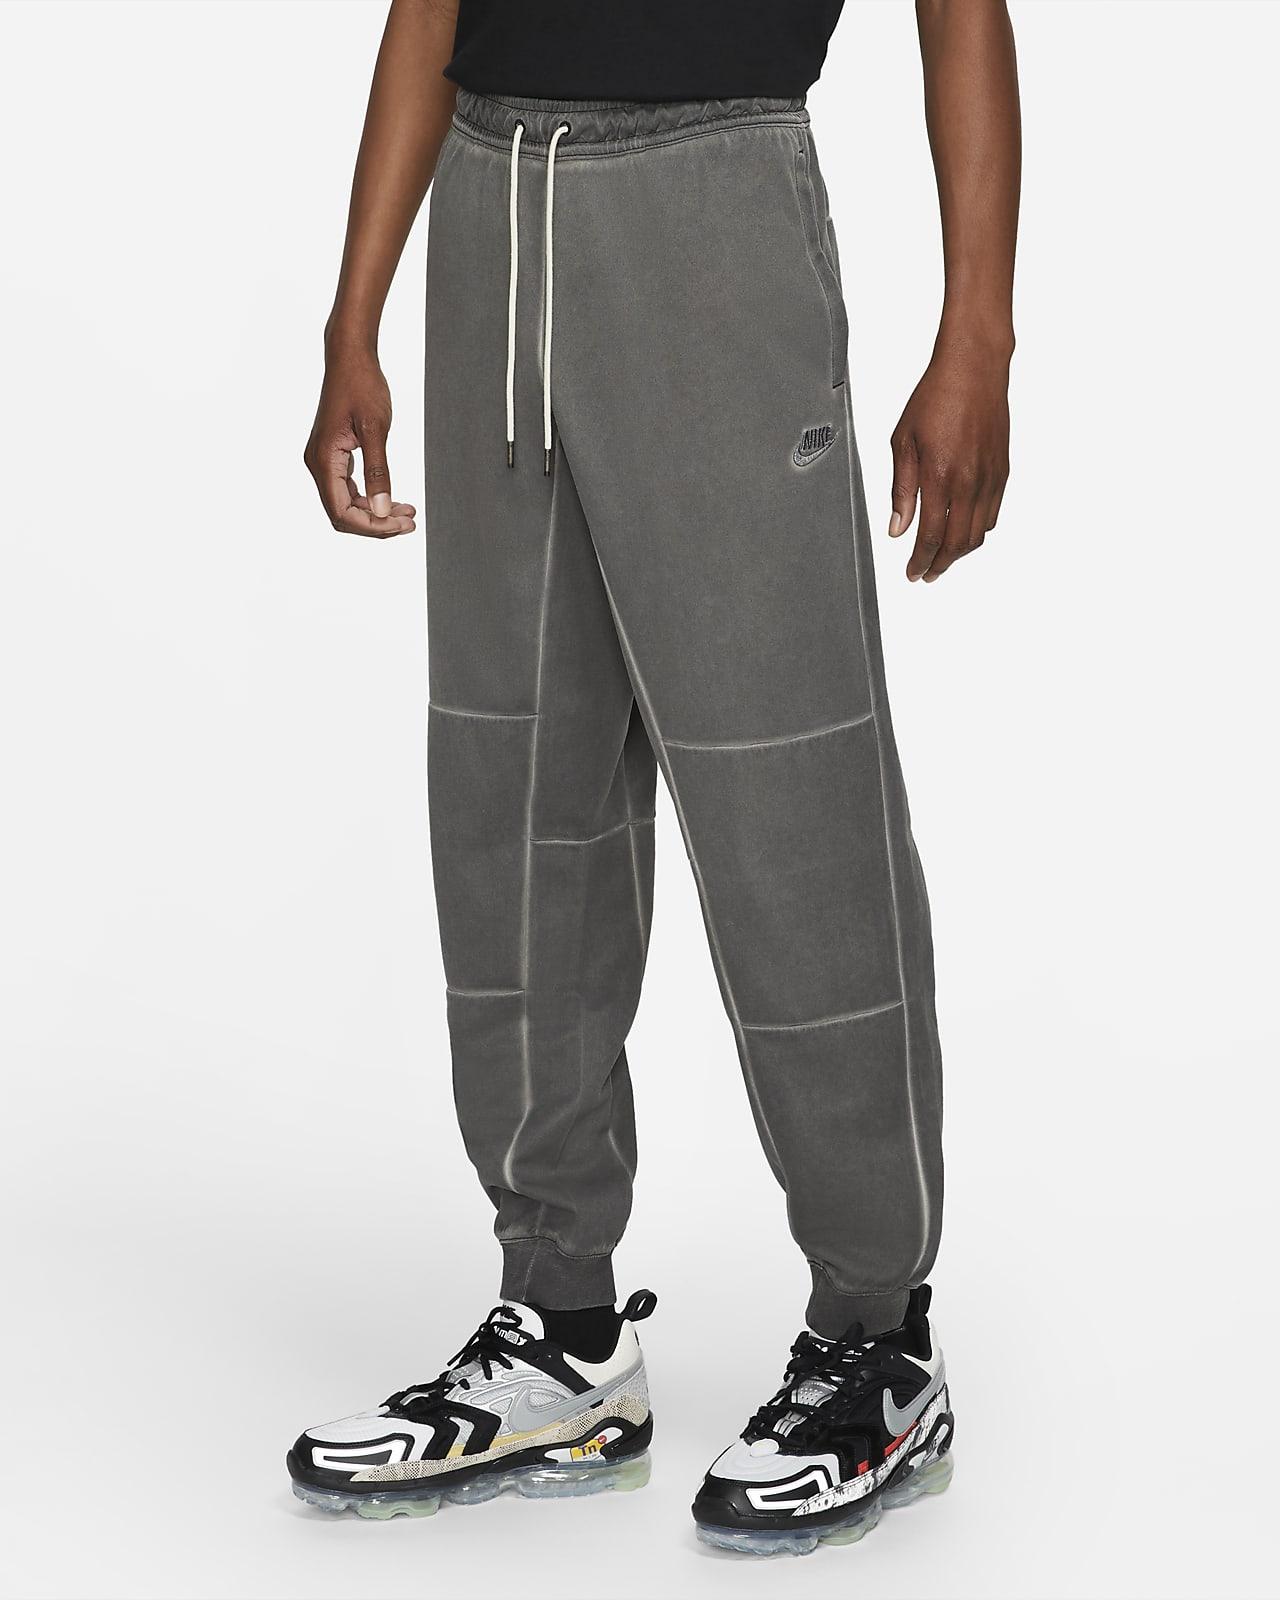 Nike Sportswear Men's Jersey Trousers